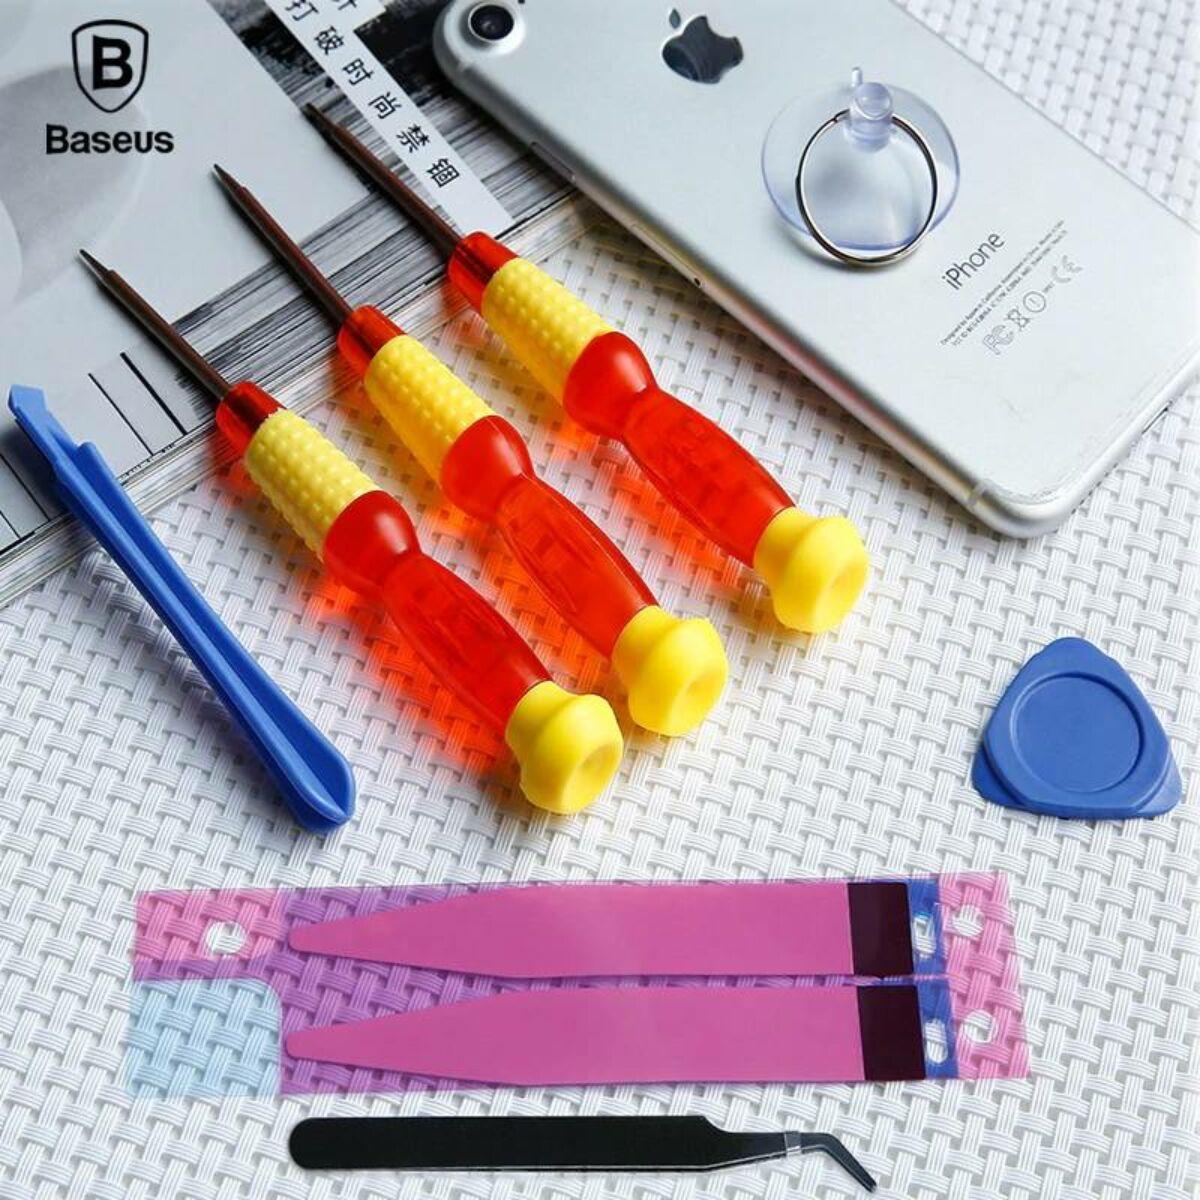 Baseus akkumulátor eltávolító szett iPhone 8 Plus-hoz (ACDM-IP8P)